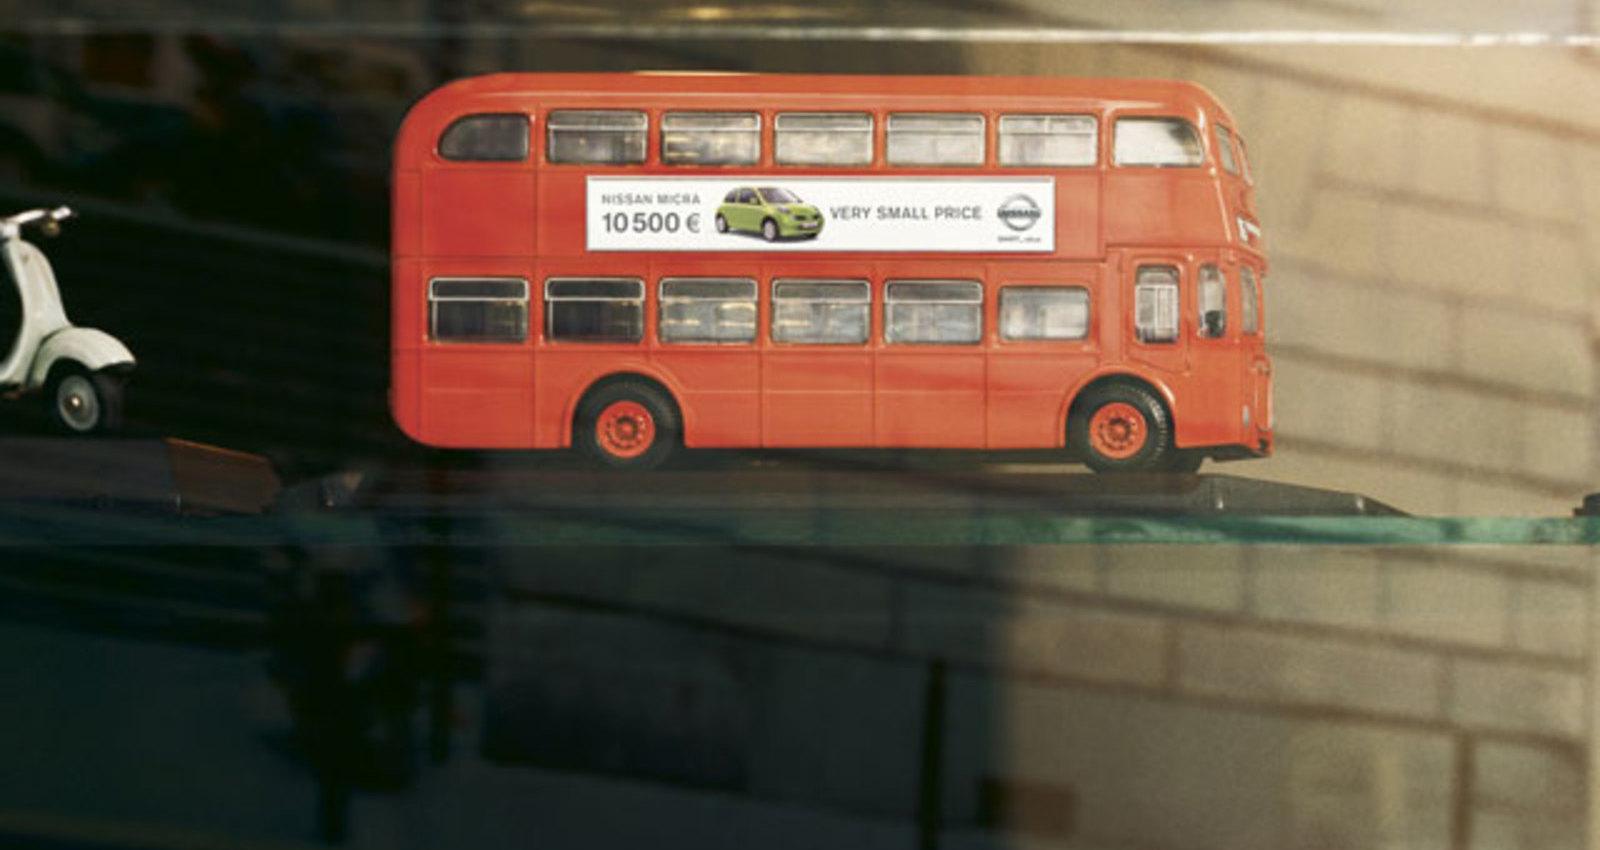 Micra Mini Prix Toy London Bus